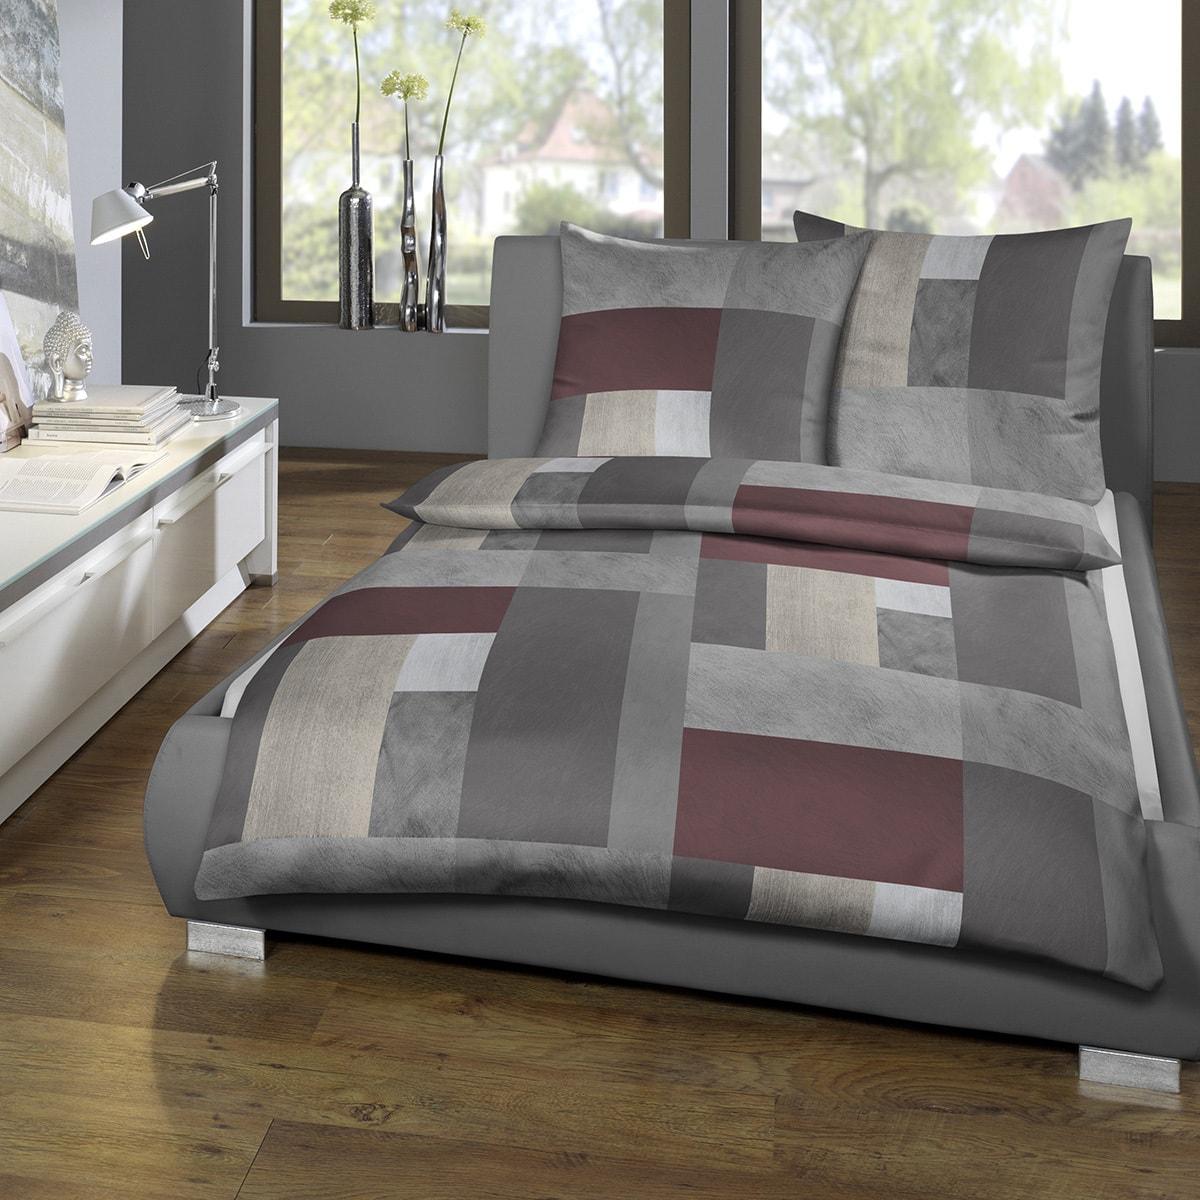 estella mako satin bettw sche 7052 405 vino g nstig online kaufen bei bettwaren shop. Black Bedroom Furniture Sets. Home Design Ideas